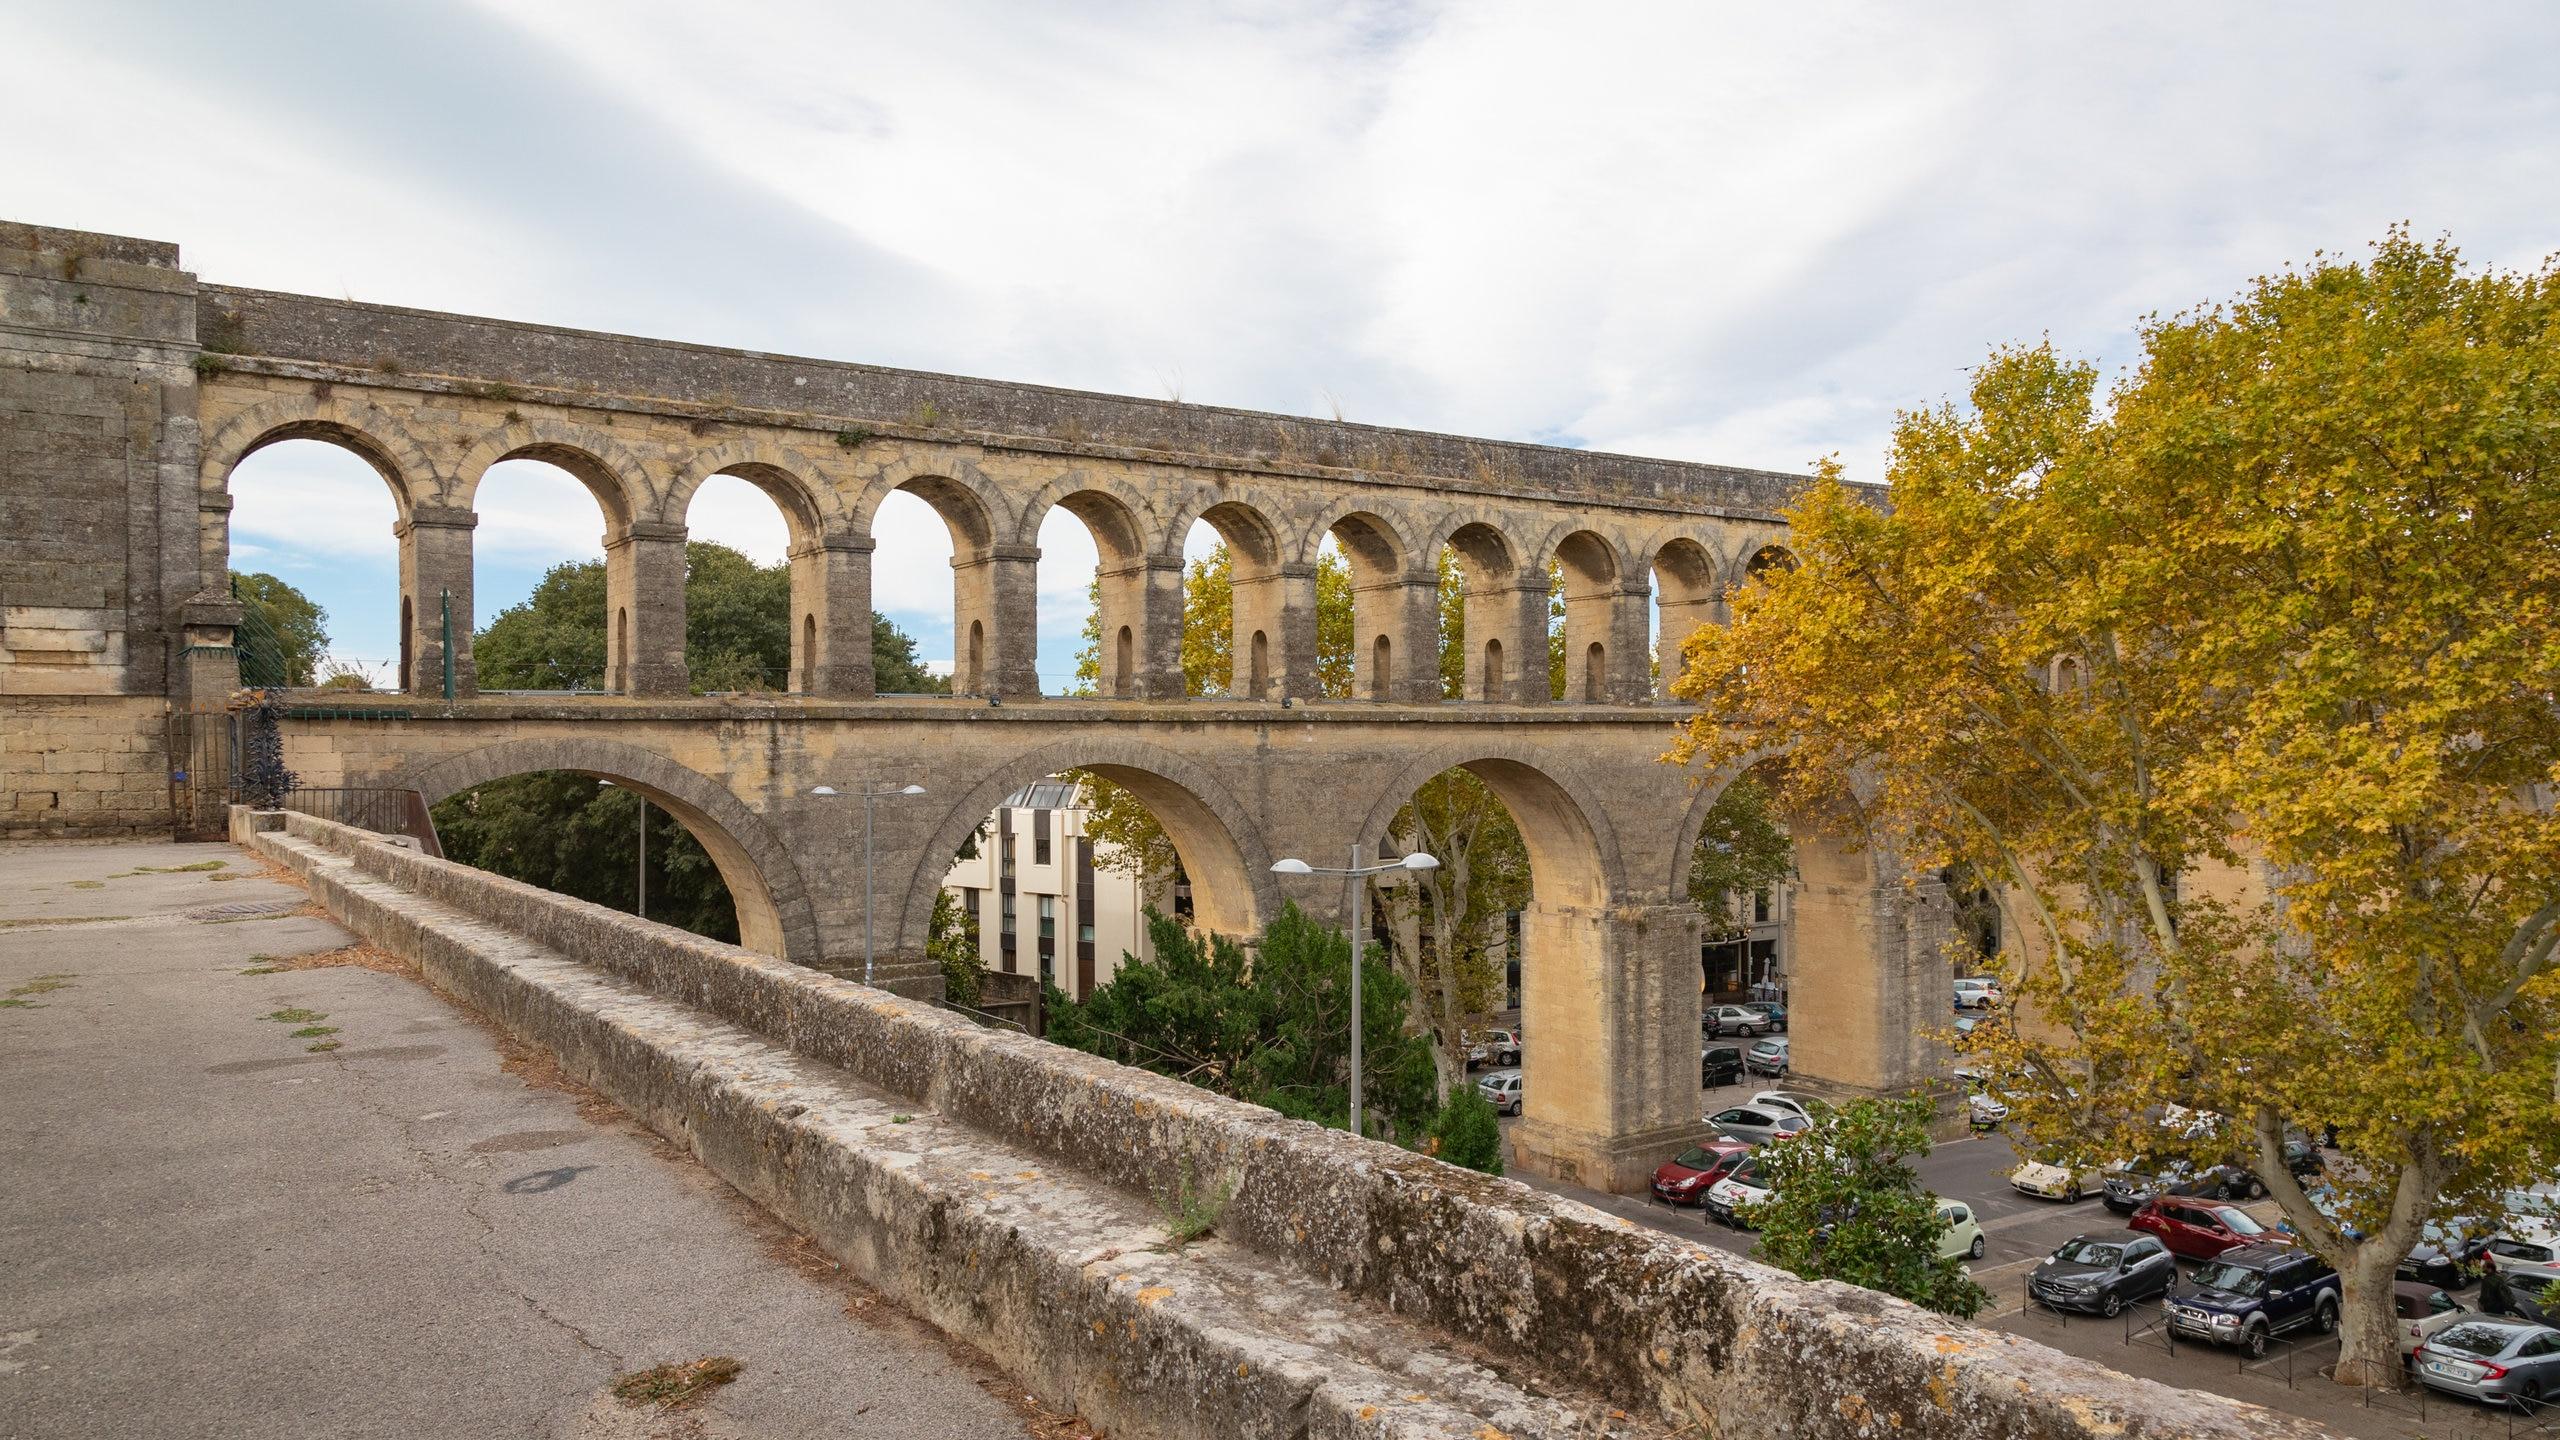 Aquädukt Montepellier, Montpellier, Herault (Département), Frankreich